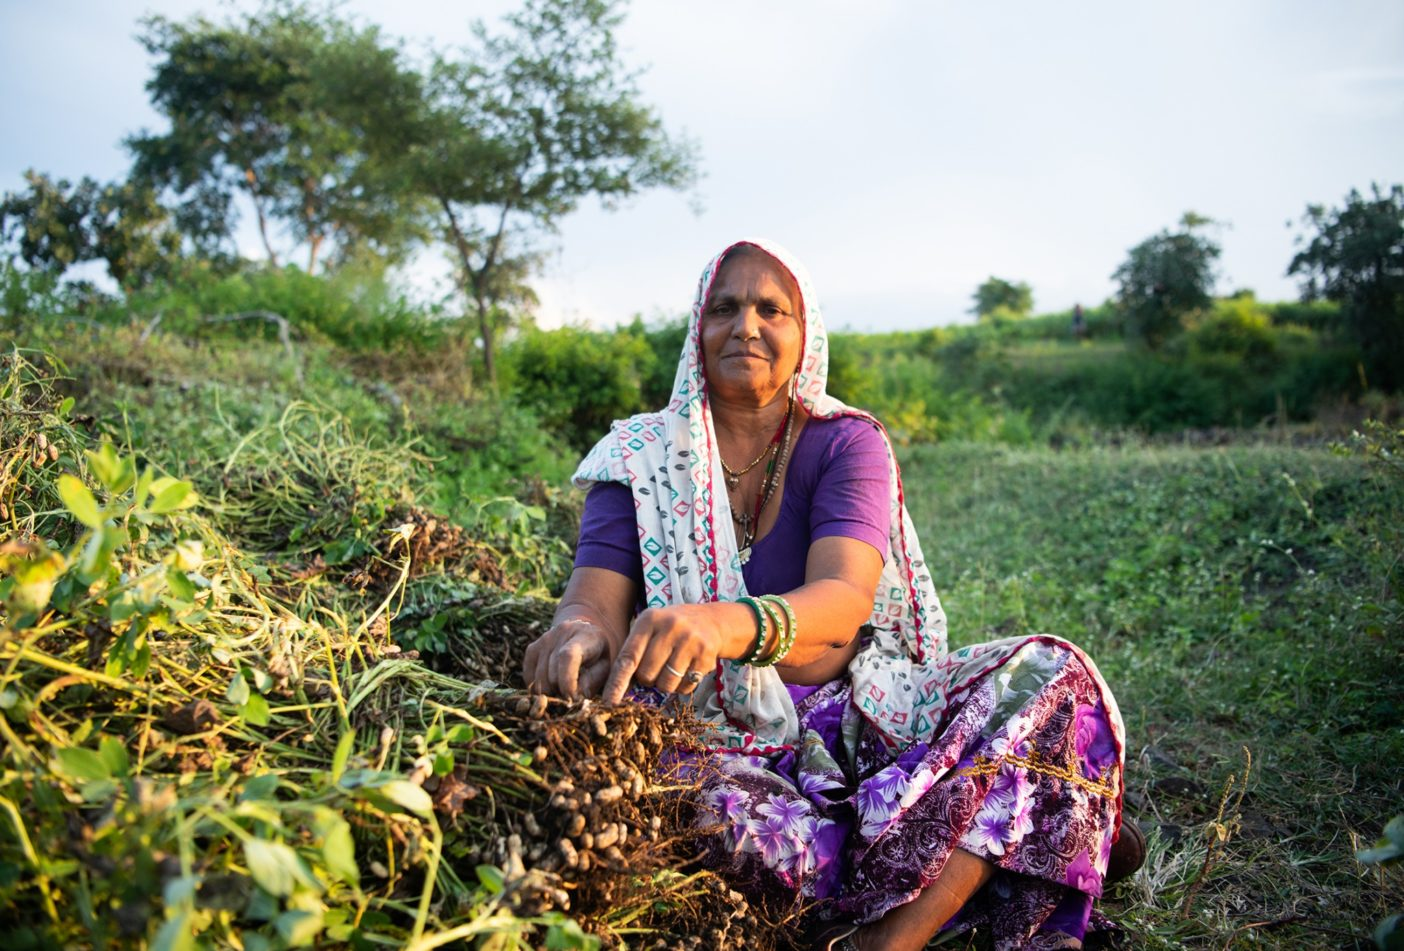 インドの畑で採れたての落花生の仕分けをするハンシング・ダッタ。この畑では10月から11月にかけて、トウモロコシ、トマト、唐辛子、落花生などが間作される。Photo:Hashim Badani